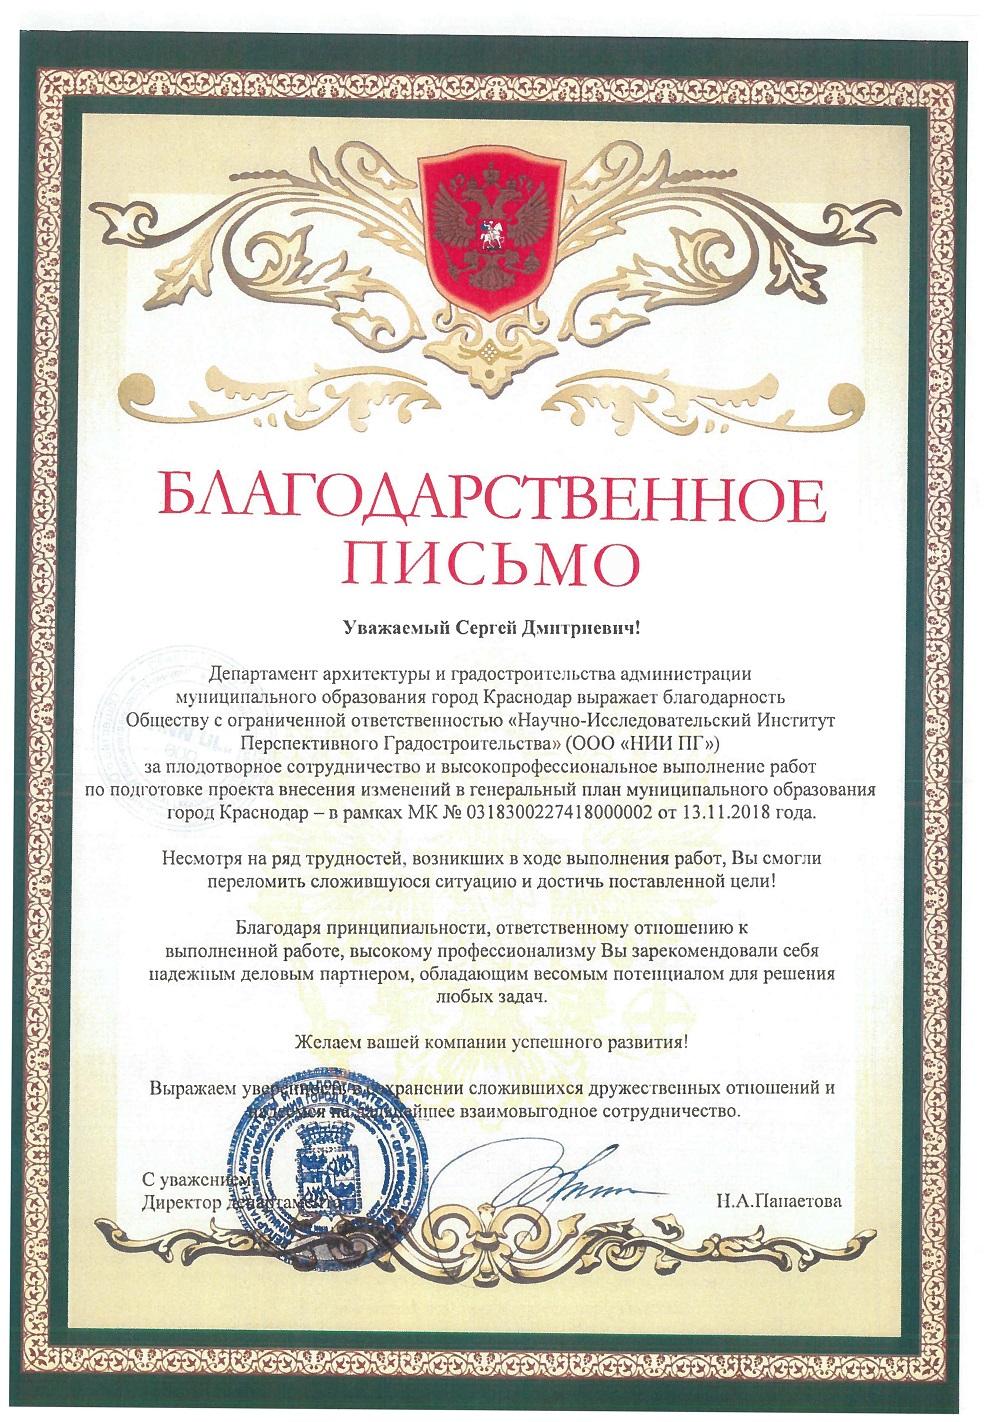 Благодарственное письмо от Директора департамента архитектуры и градостроительства Администрации МО город Краснодар